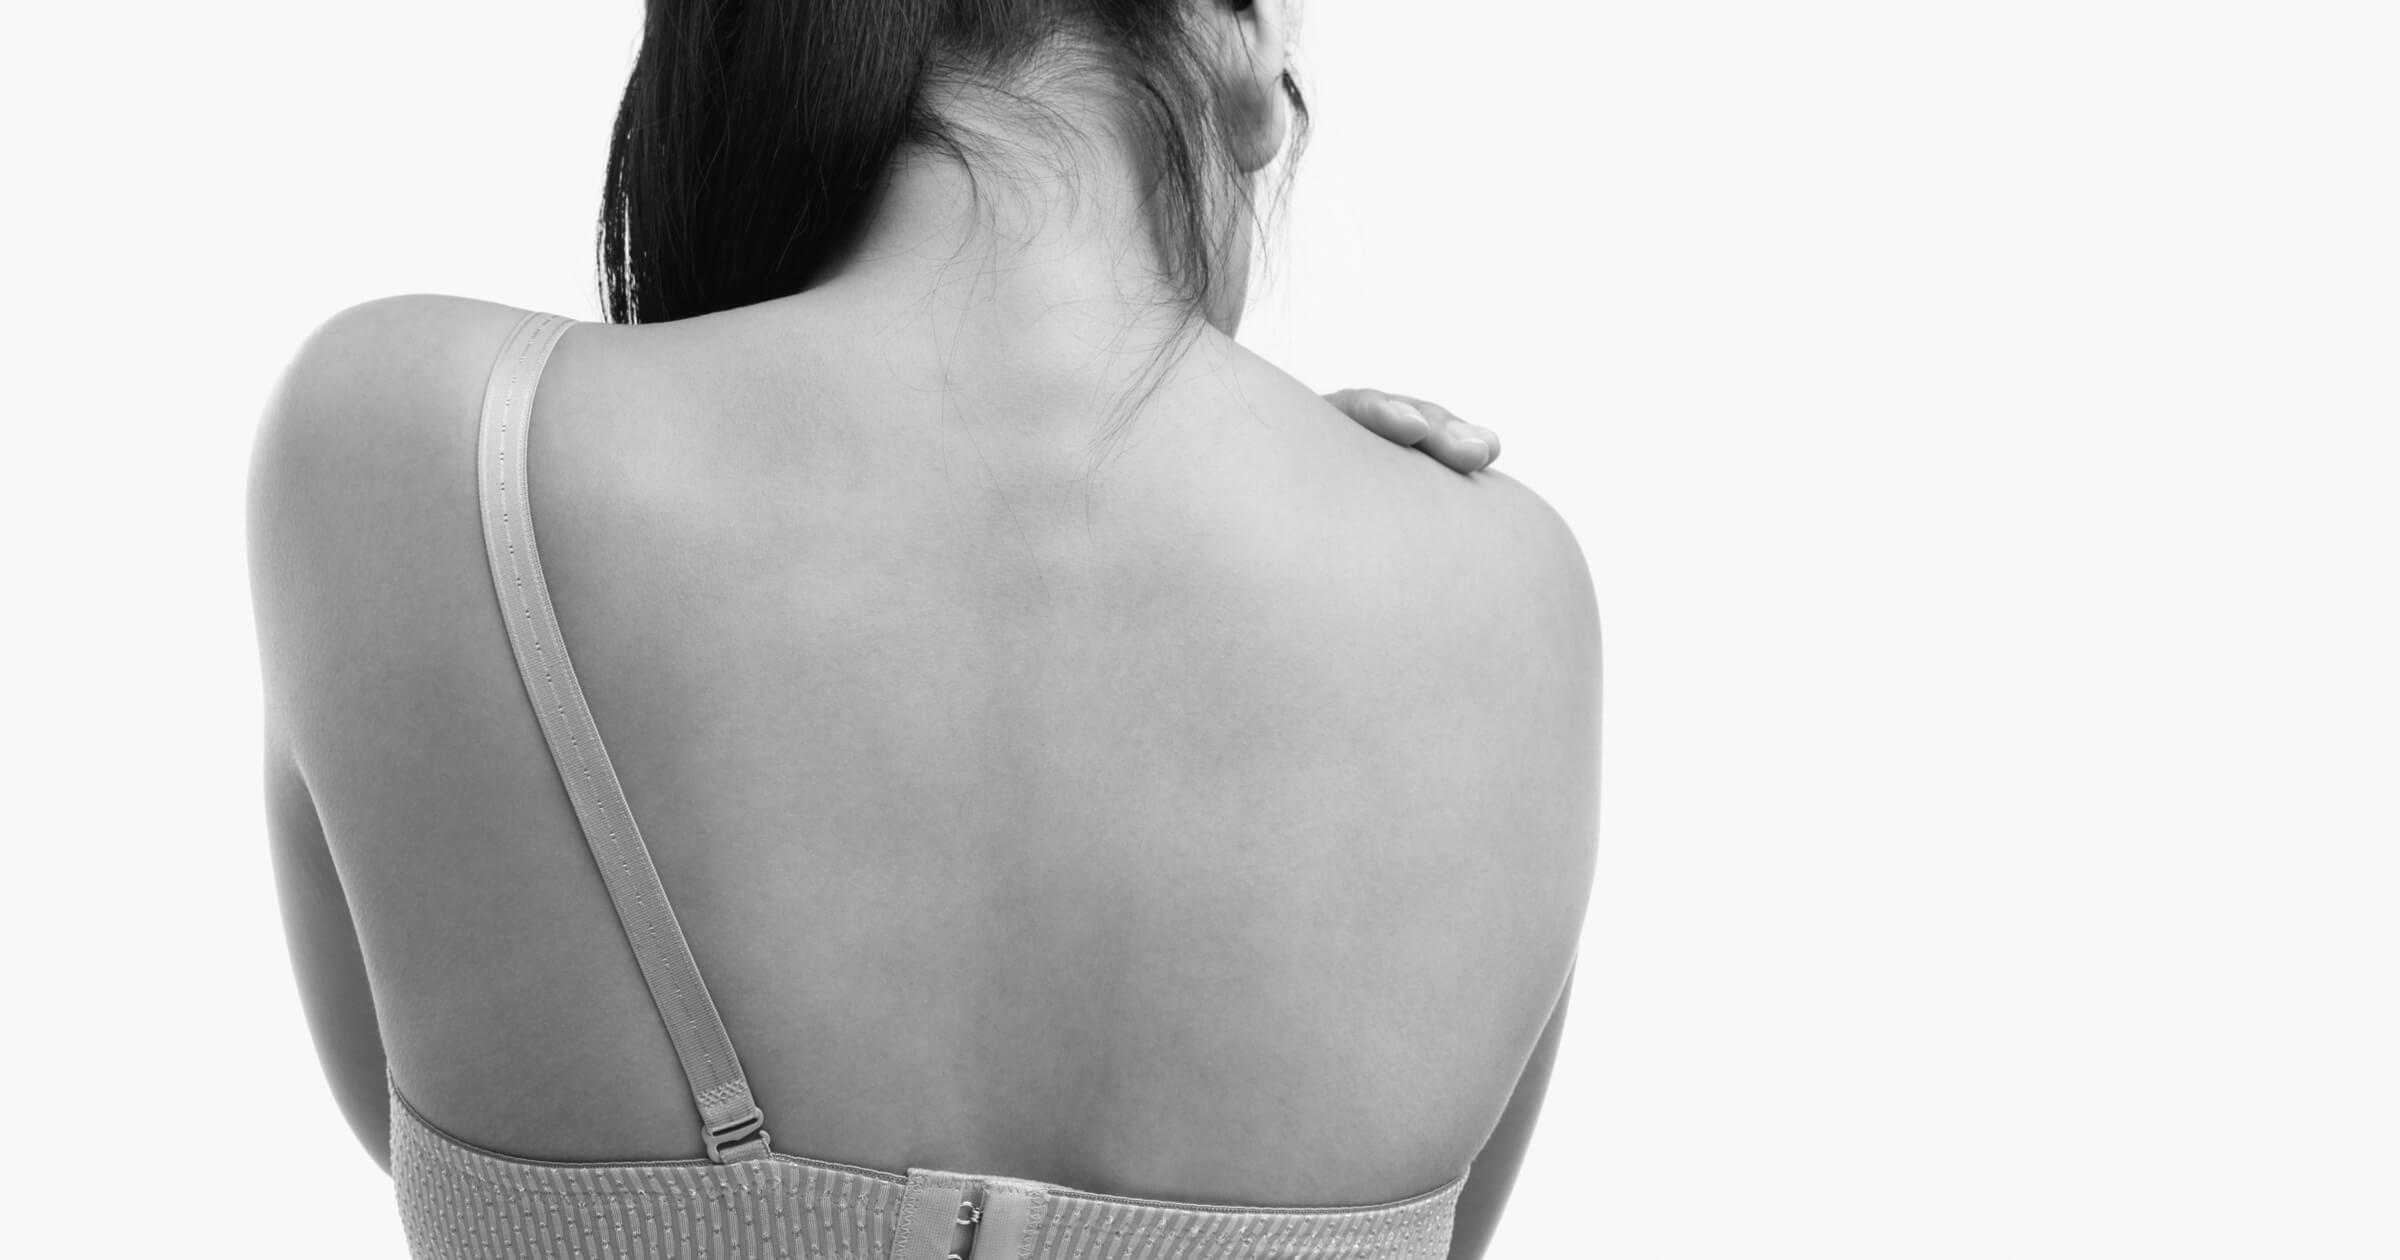 Klient mistet brystet etter slurv fra klinikk, klient vant erstatningssak. Har du en lignende sak, kontakt Advokatfirmaet Sandgrind Ellefsen for rettslig hjelp for riktig erstatning.